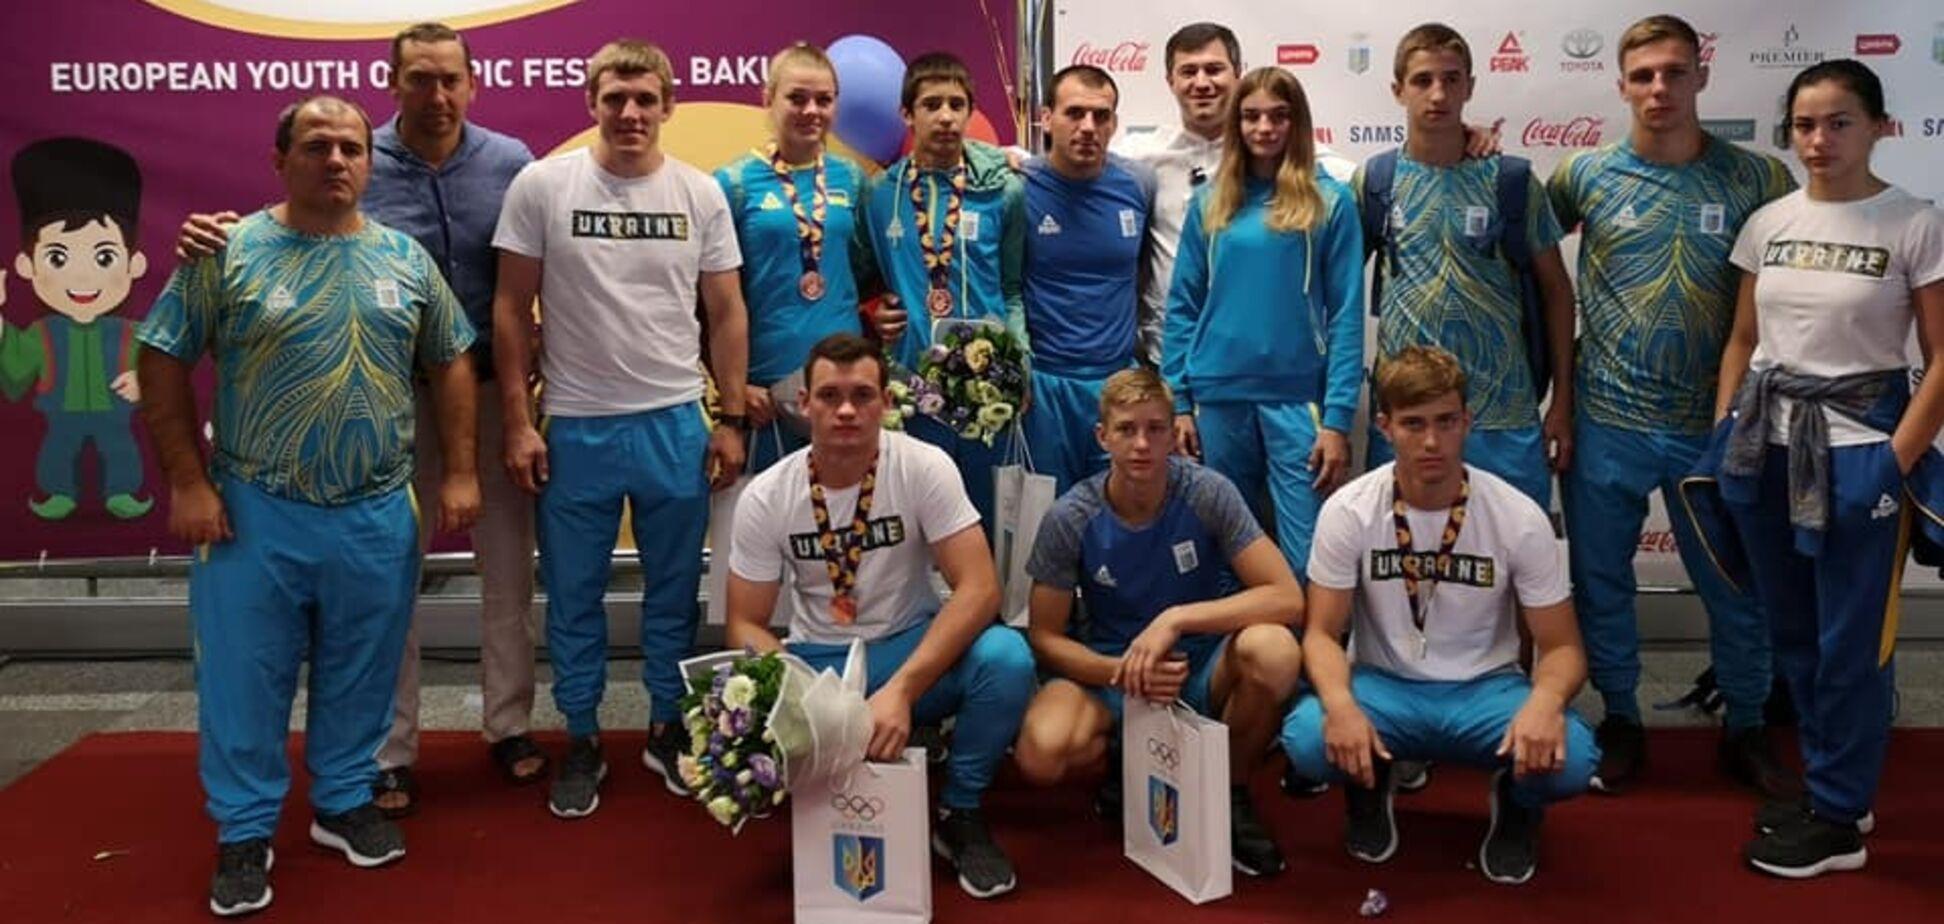 Четыре медали: юные украинские дзюдоисты покуражились на олимпийском фестивале